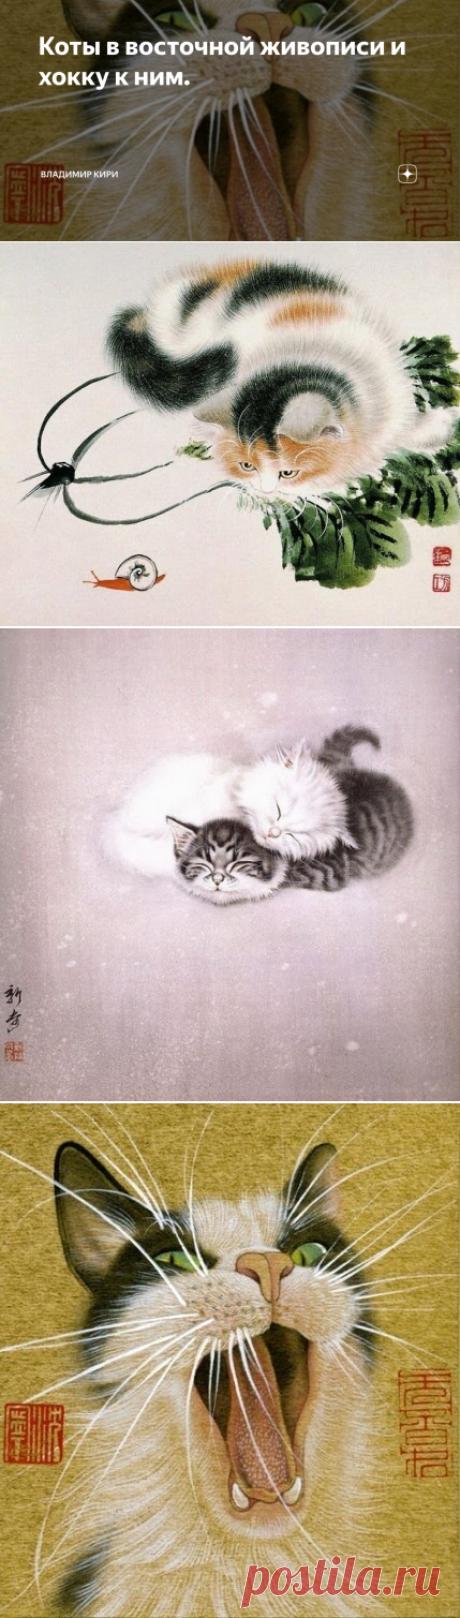 Коты в восточной живописи и хокку к ним. | Владимир Кири | Яндекс Дзен